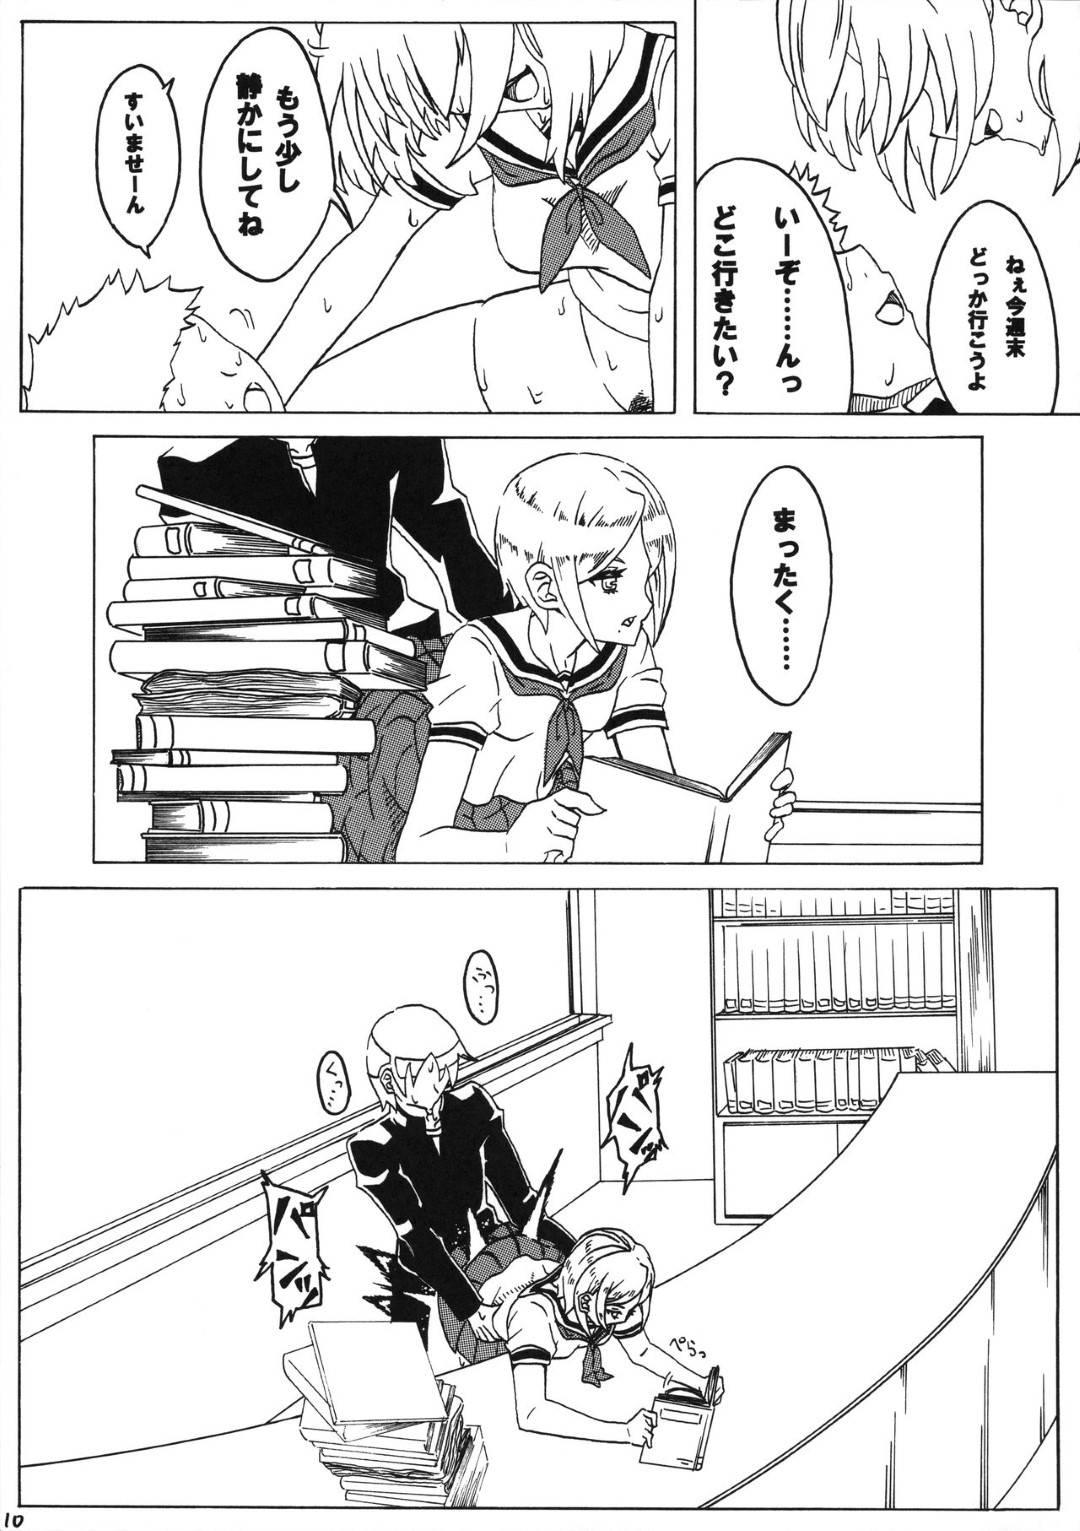 【学校エロ漫画】この学校では挨拶として、生徒達はおっぱいを揉ませたり、生ハメセックスを行う事になっており今日も元気にセックス三昧する【めがとん】